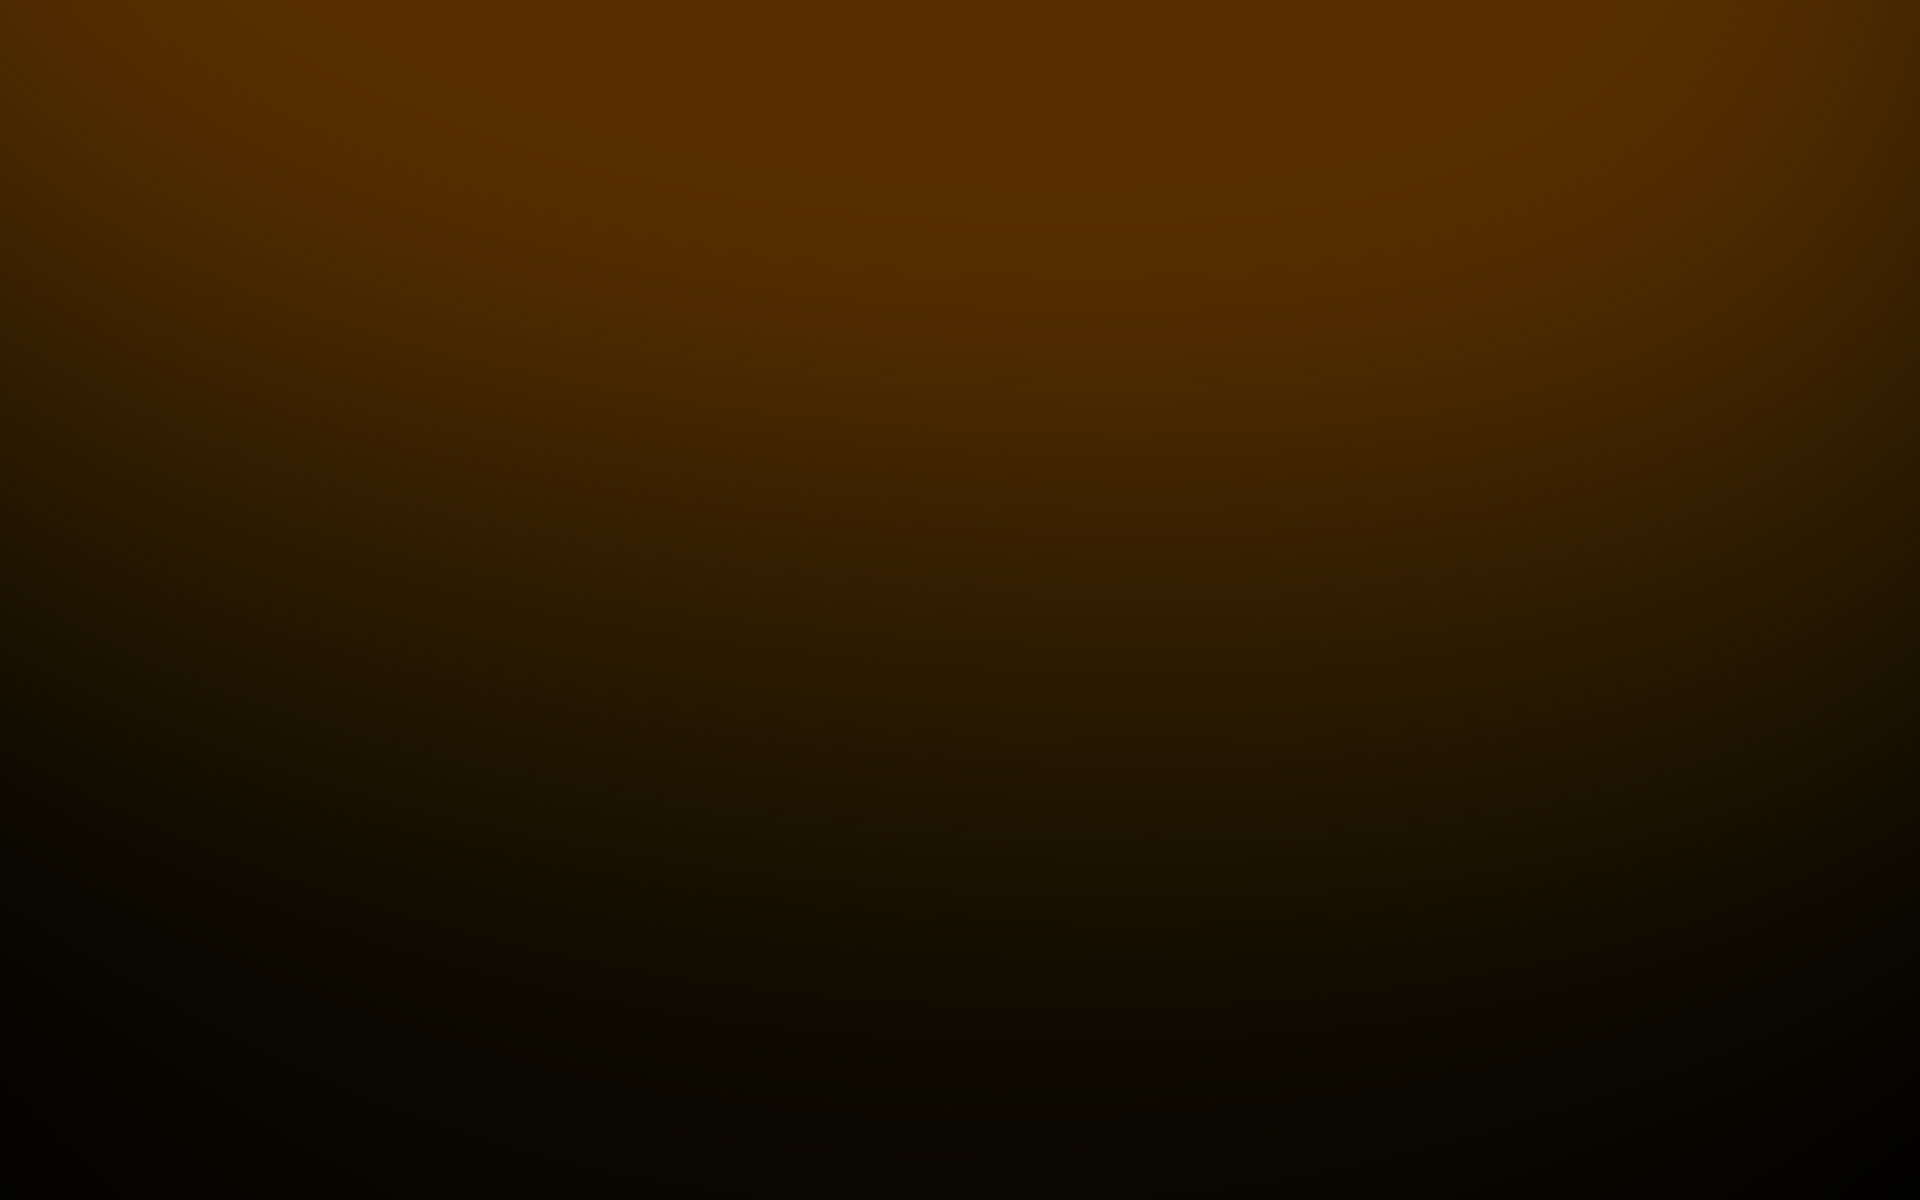 Brown Background Wallpaper - WallpaperSafari